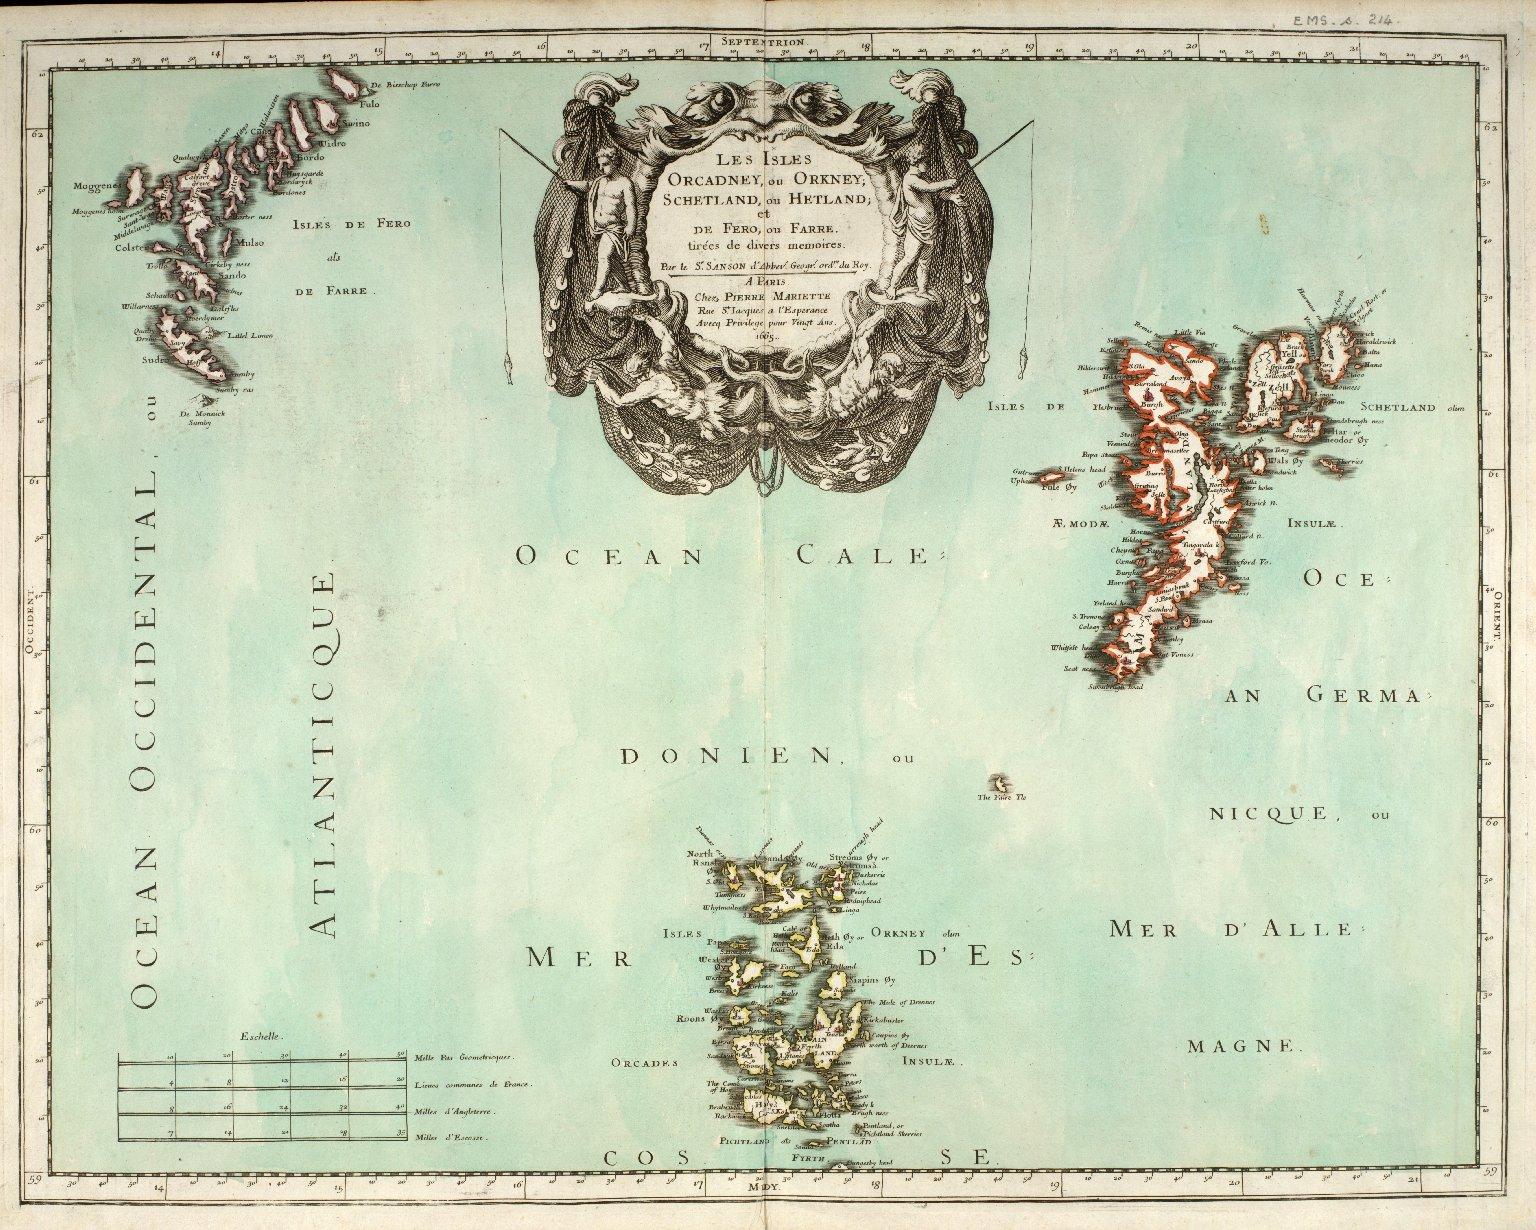 Les Isles Orcadney, ou Orkney ; Schetland, ou Hetland ; et de Fero, ou Farre, tirées de divers memoirs [1 of 1]